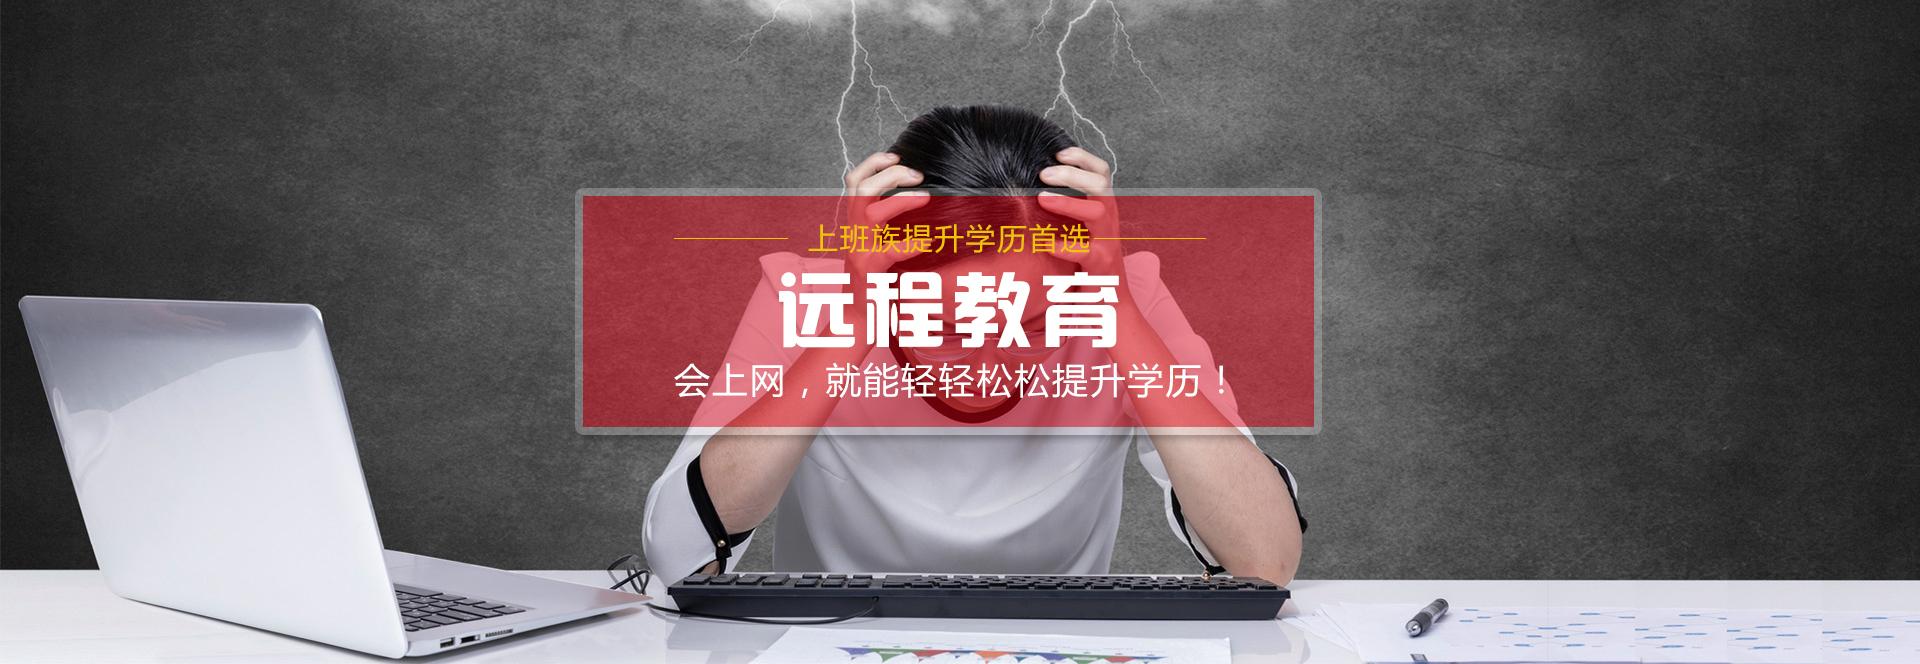 扬州自考本科